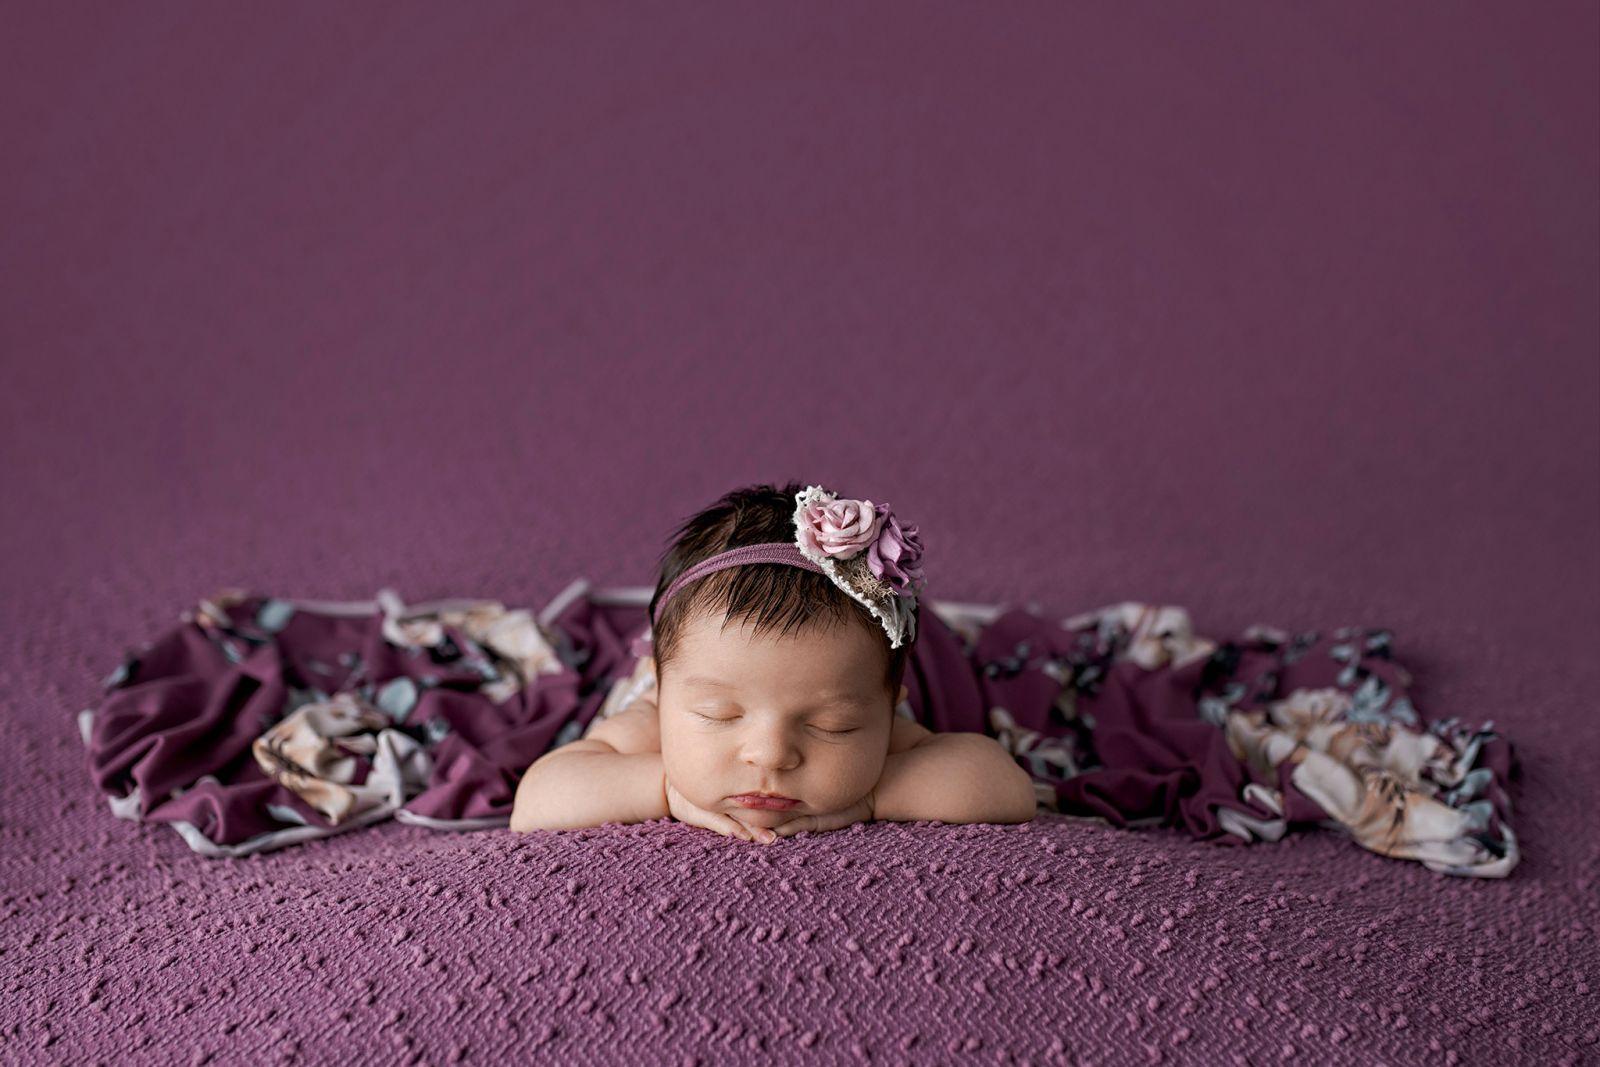 baby-girl-newborn-photoshoot-charleston-studio- (7)